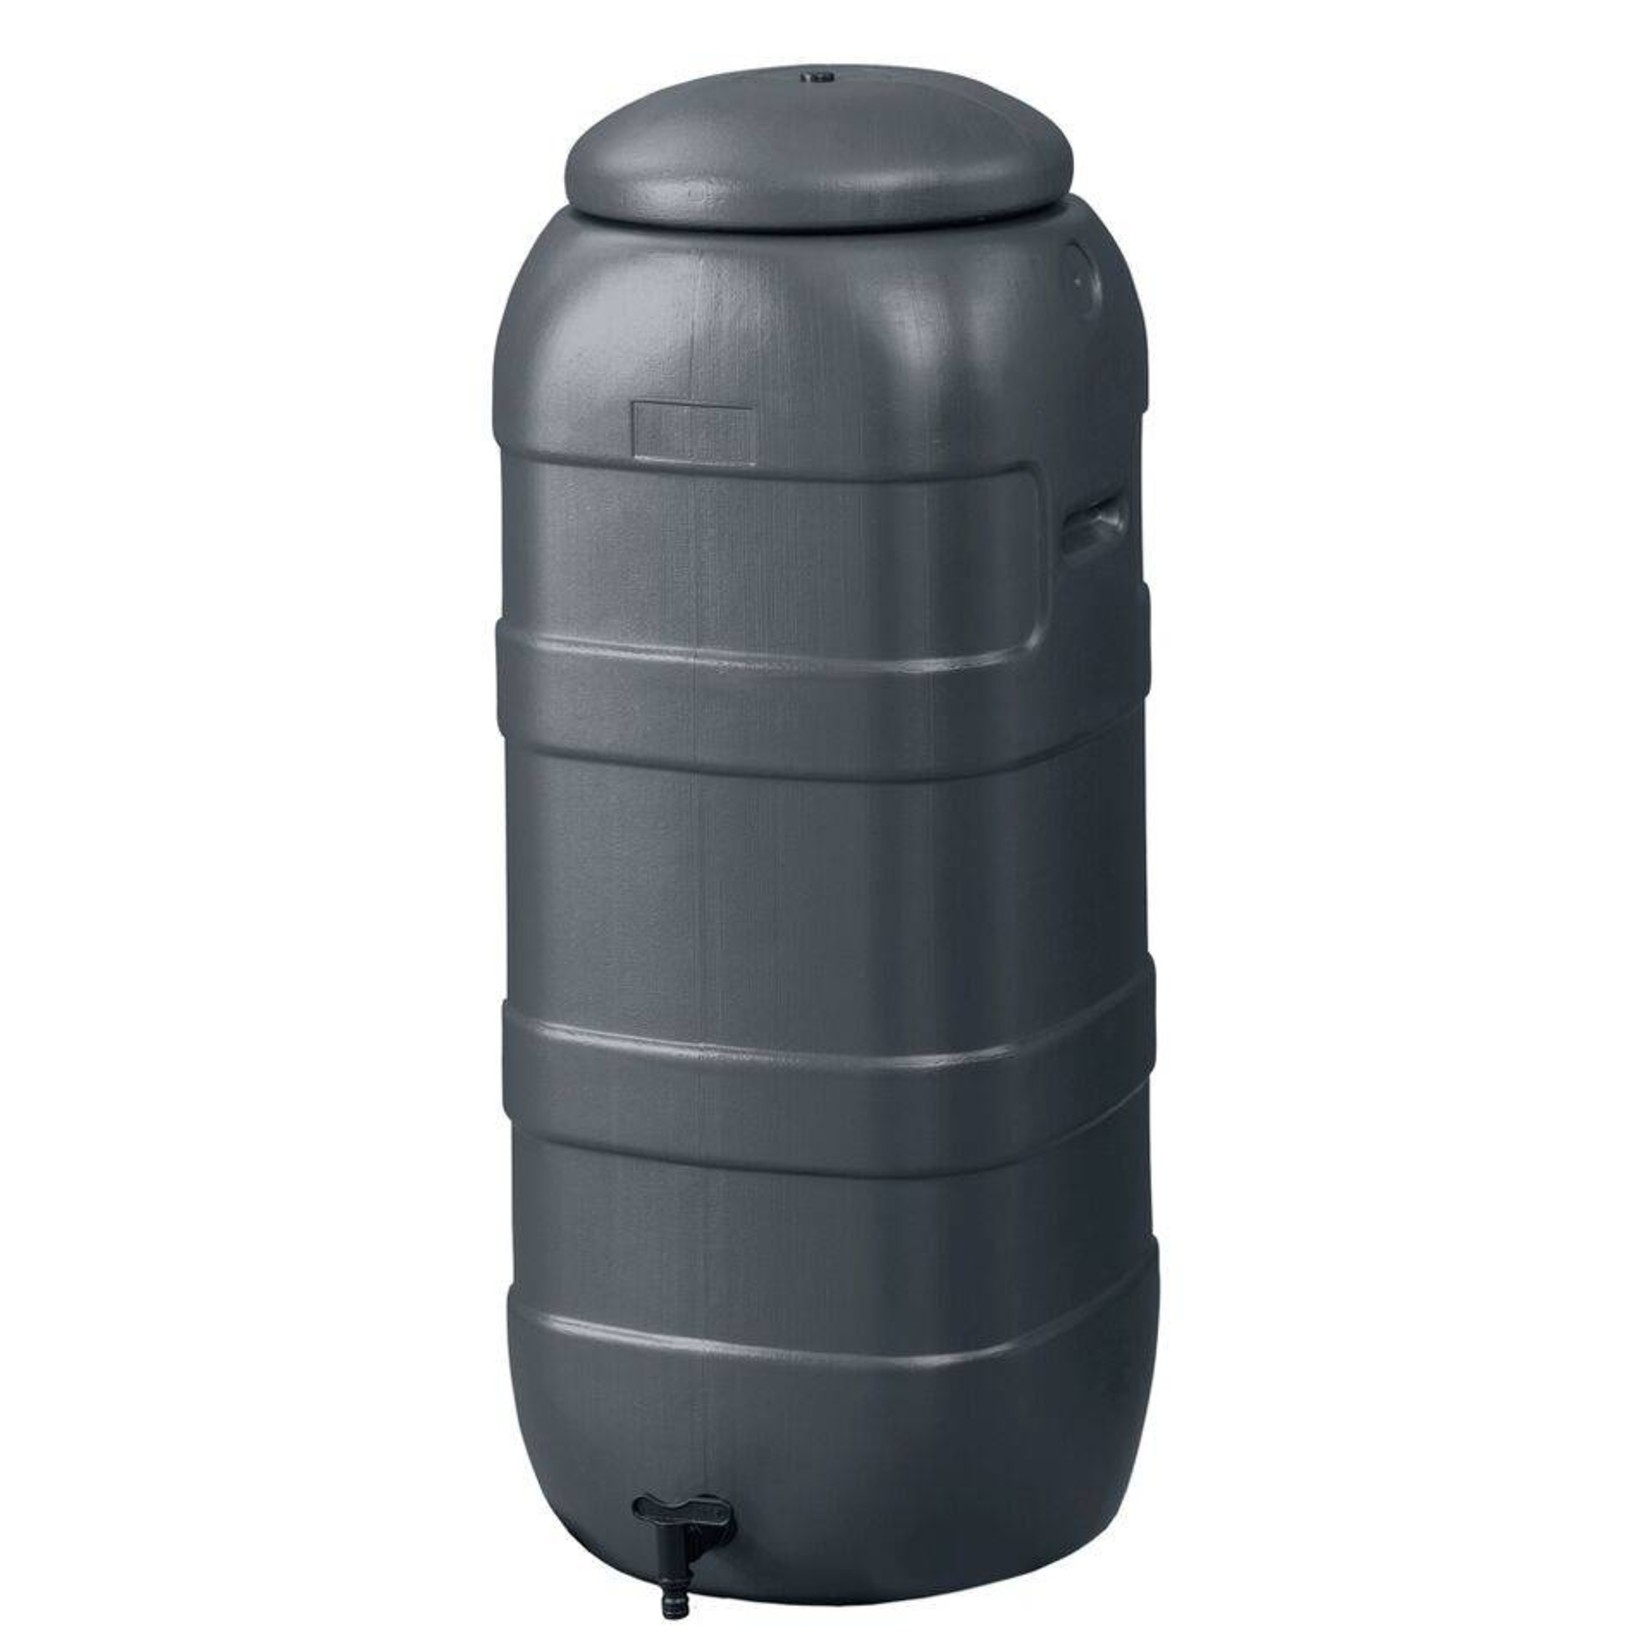 Harcostar Mini rainsaver regenton 100 ltr